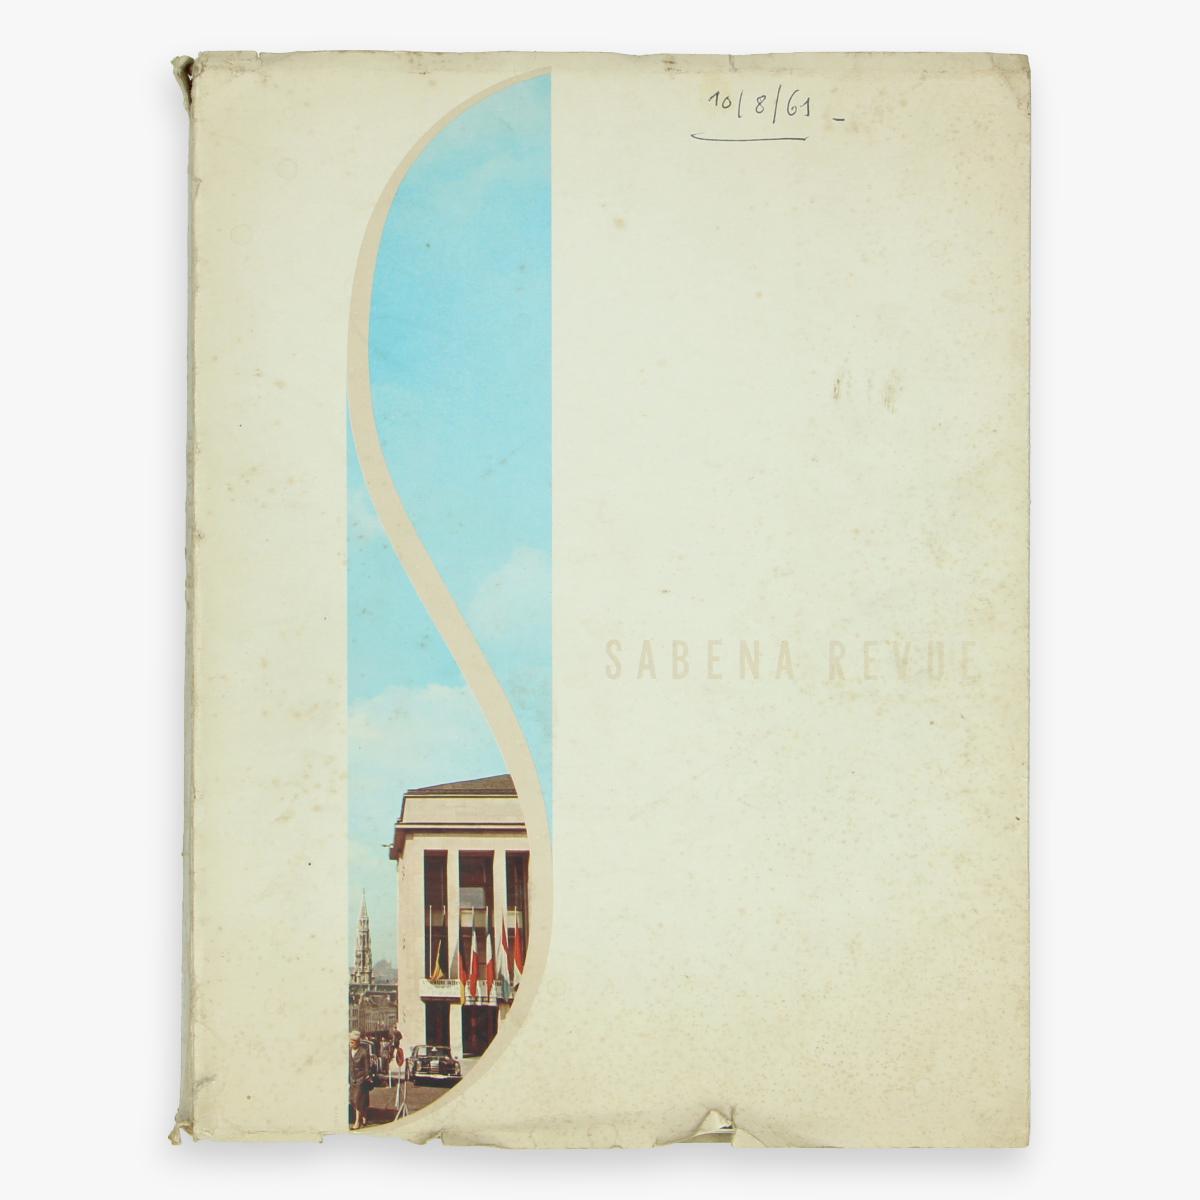 Afbeeldingen van sabena revue 1960 magazine